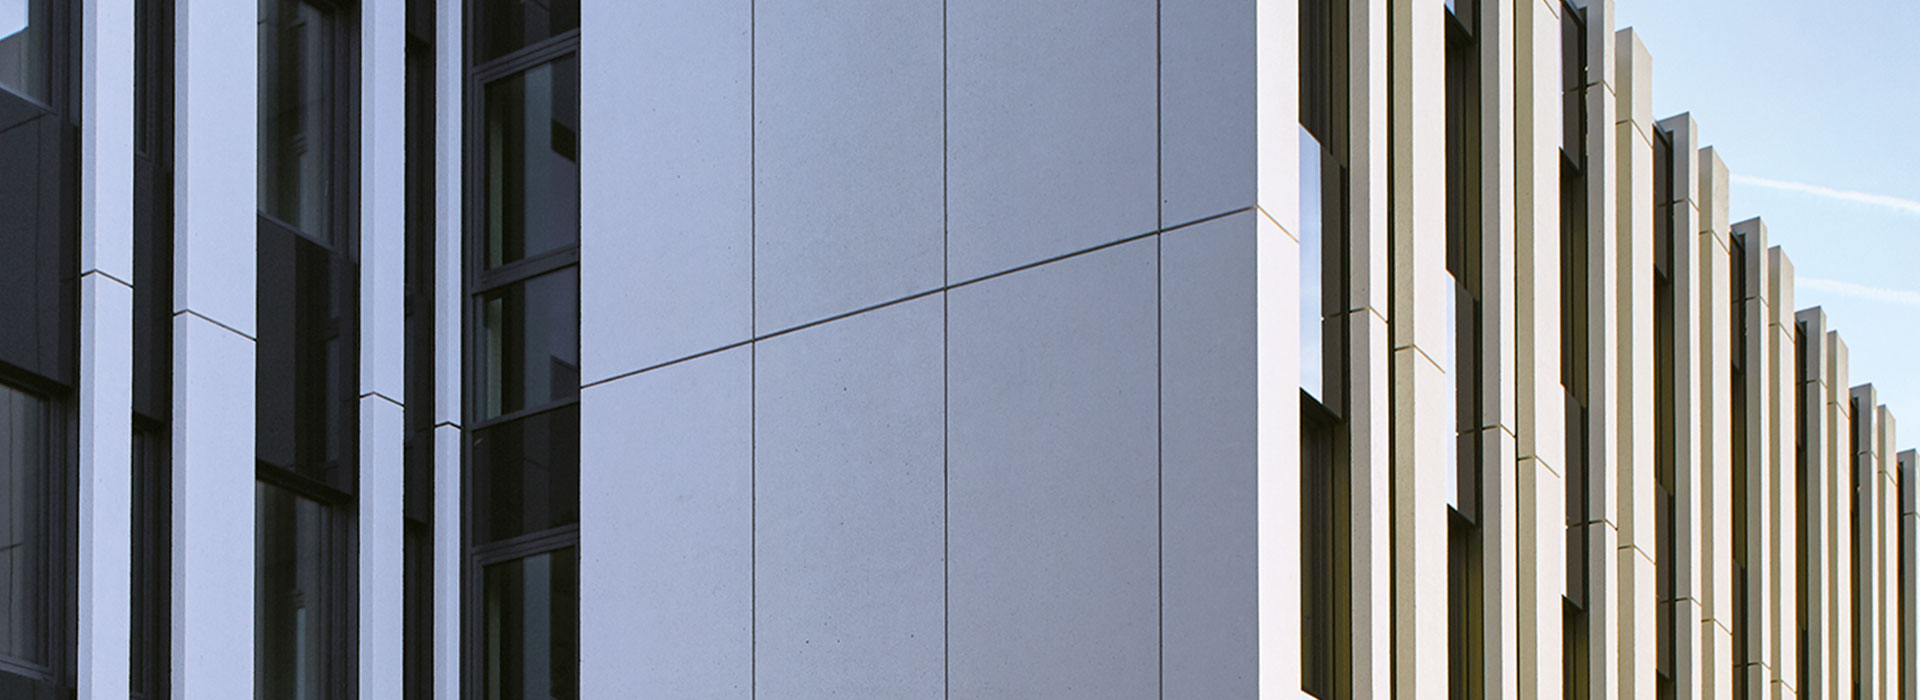 AGGLOTECH-architectural-terrazzo-facciate-ventilate-header